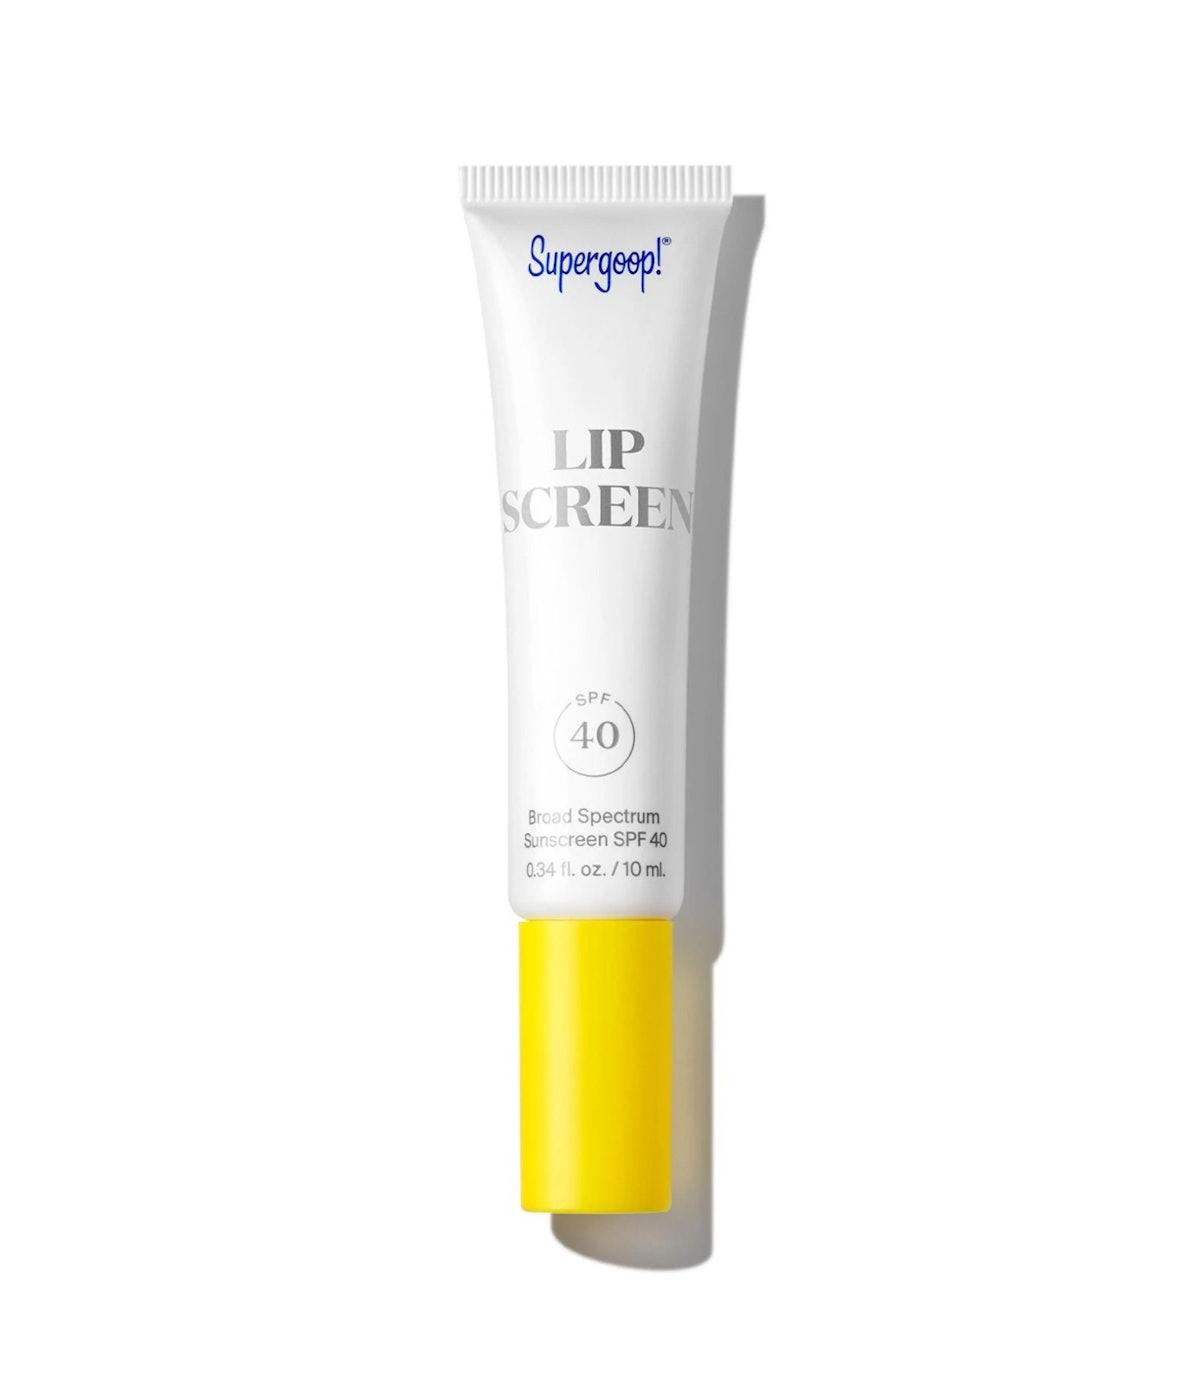 Lipscreen SPF 40